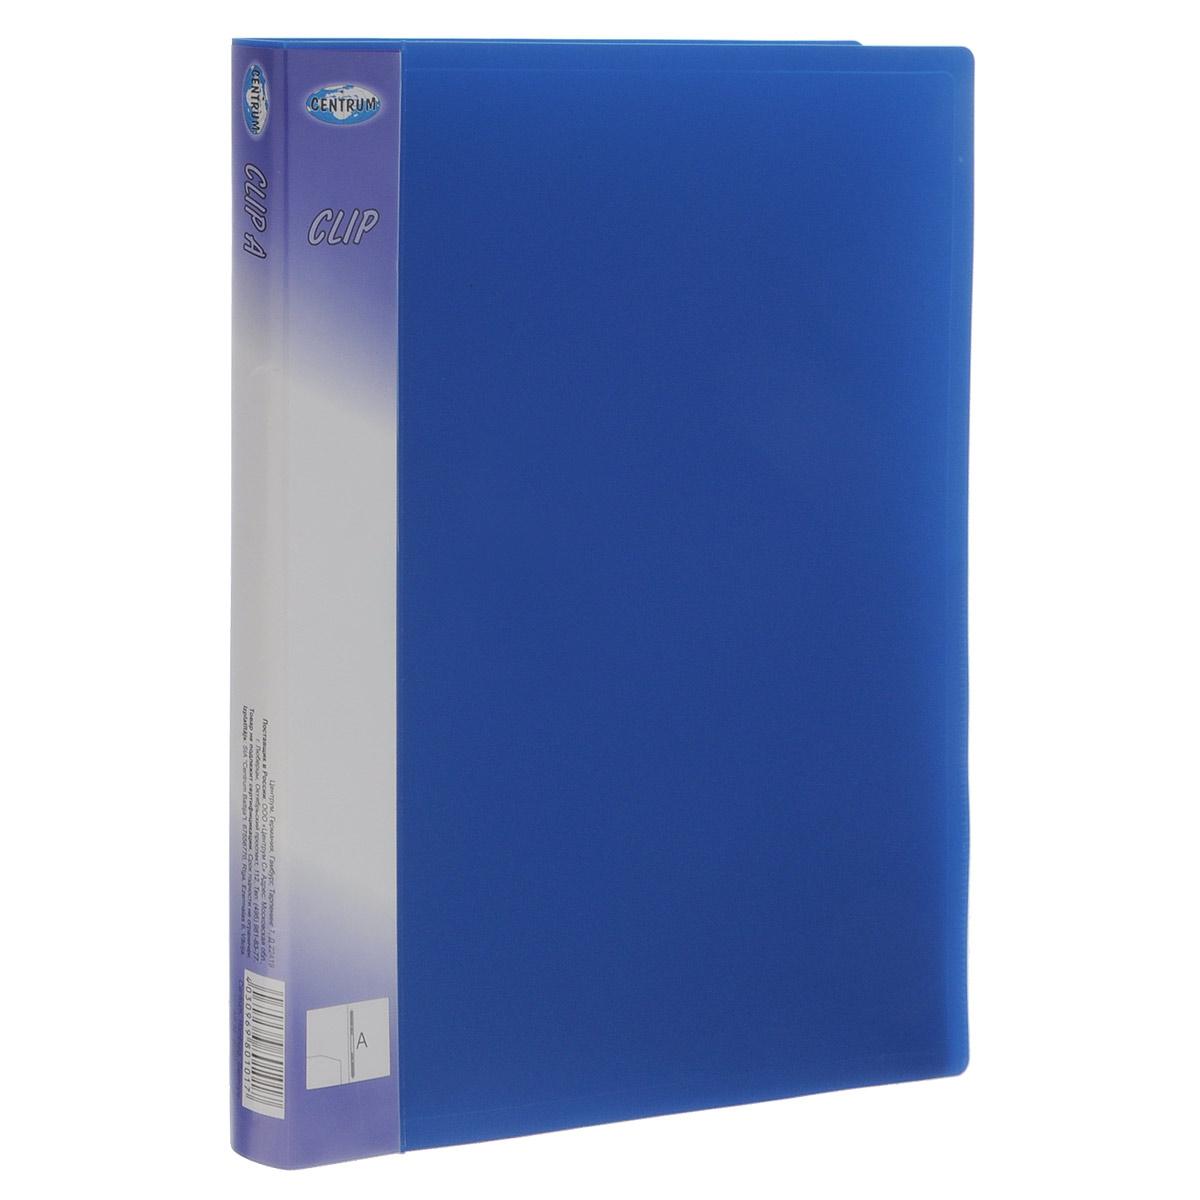 Папка-скоросшиватель Centrum Clip, цвет: синий, формат А4FS-36054Папка-скоросшиватель Centrum Clip - это удобный и практичный офисный инструмент, предназначенный для бережного хранения и транспортировки перфорированных рабочих бумаг и документов формата А4.Папка изготовлена из полупрозрачного фактурного пластика, оснащена металлическим пружинным скоросшивателем и дополнена прозрачным кармашком на корешке Папка-скоросшиватель надежно сохранит ваши документы и сбережет их от повреждений, пыли и влаги.